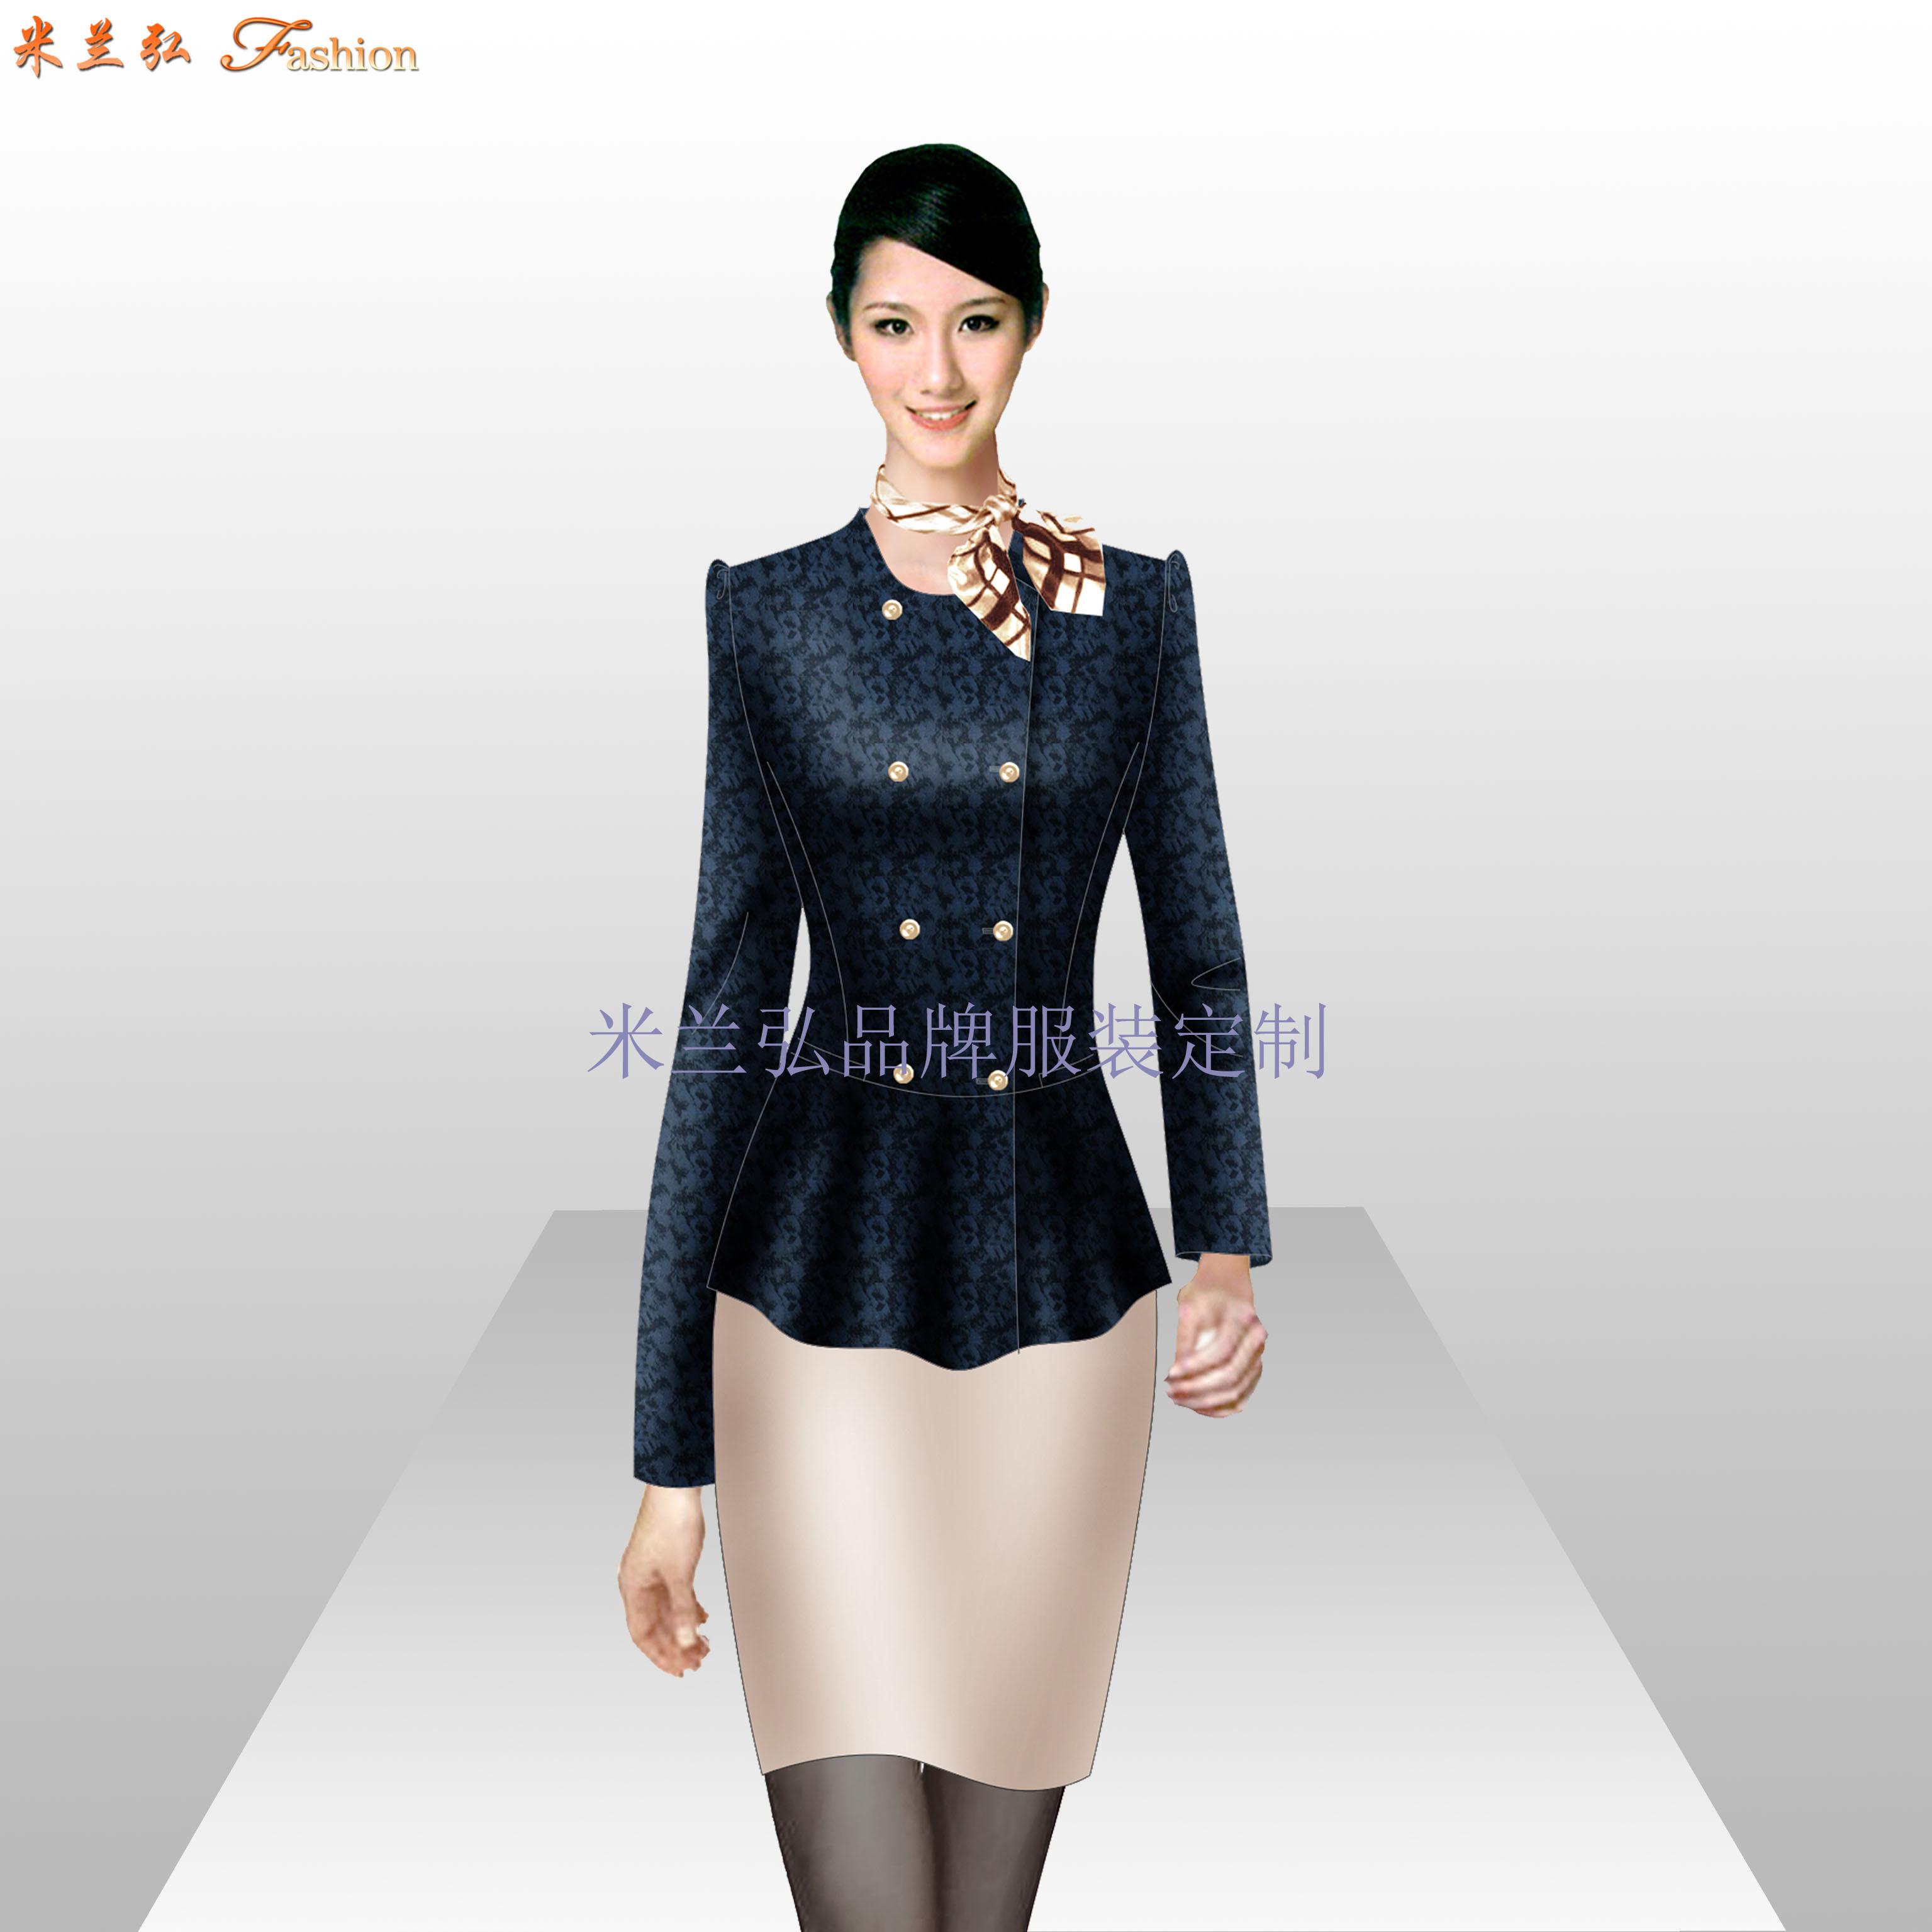 Ladiessuit女士西服套装时尚新款-蓝冠注册厂家-5